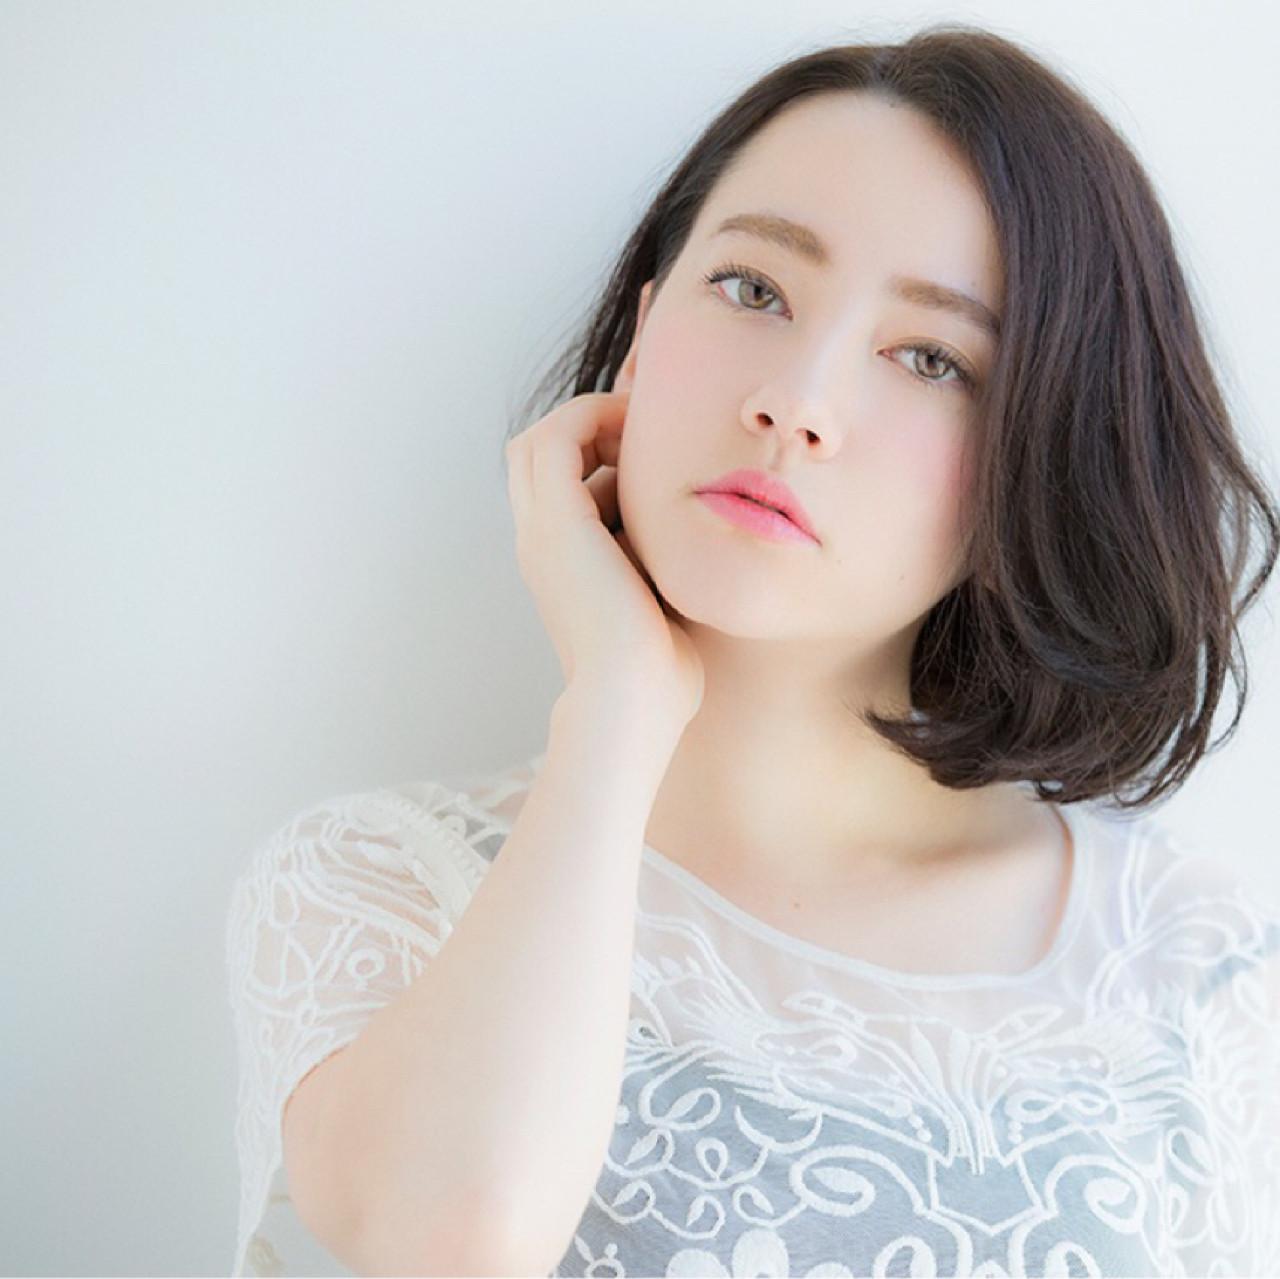 可愛いからハンサムまで♡ワンレン×ショートボブの髪型スタイル 東 純平